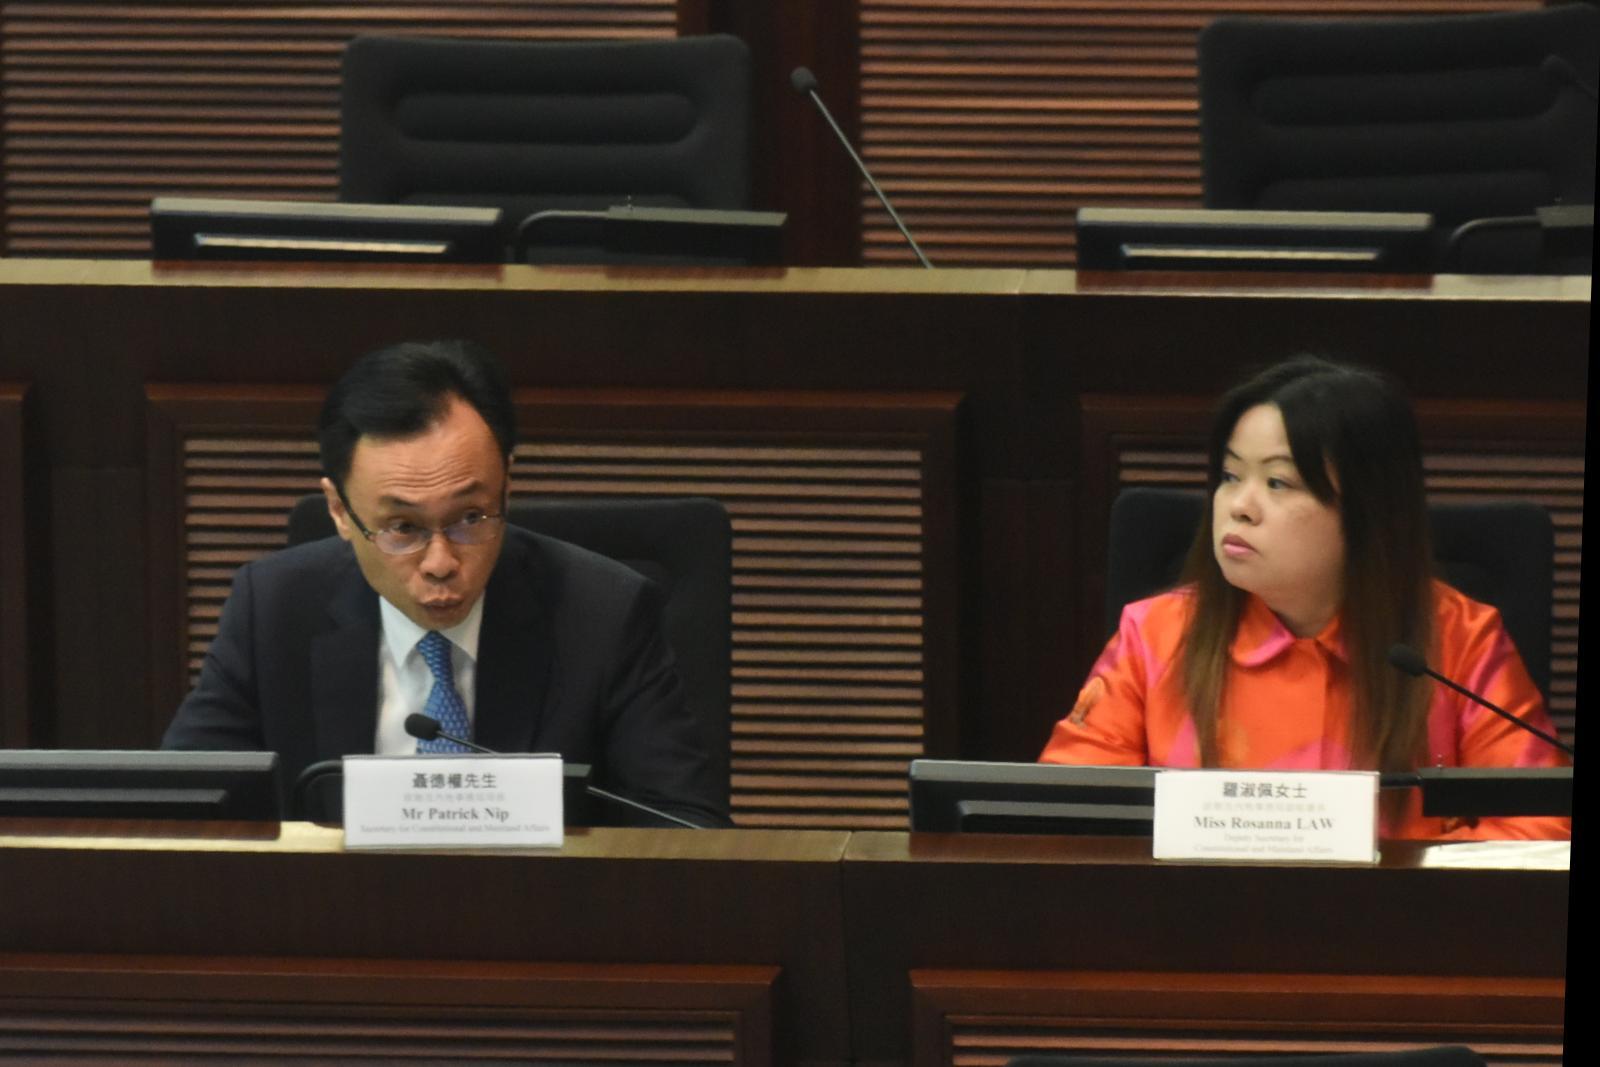 政制及內地事務局局長聶德權指不能「寫包單」確保同類事情不會再發生。